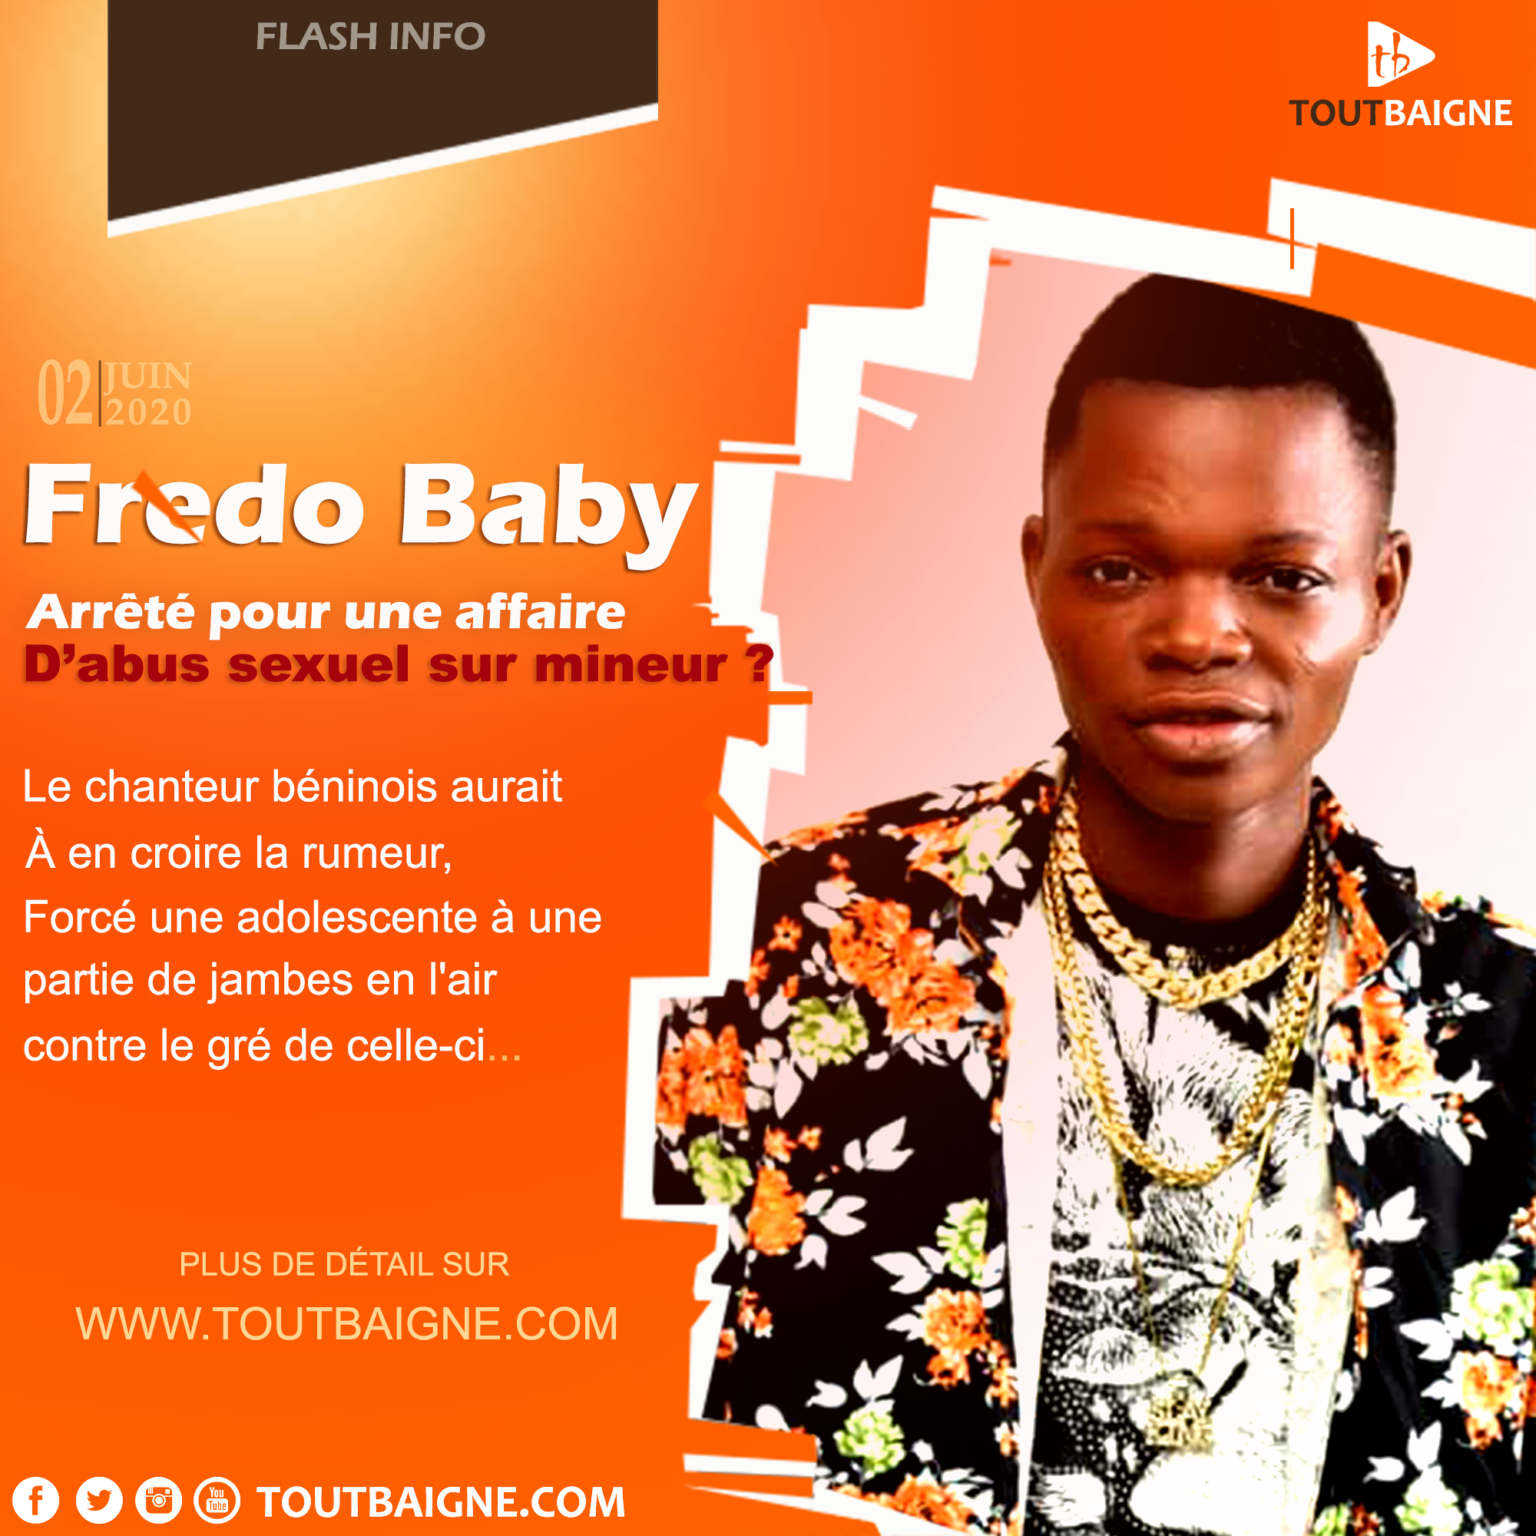 Fredo Baby arrêté pour une affaire d'abus sexuel sur mineur ?